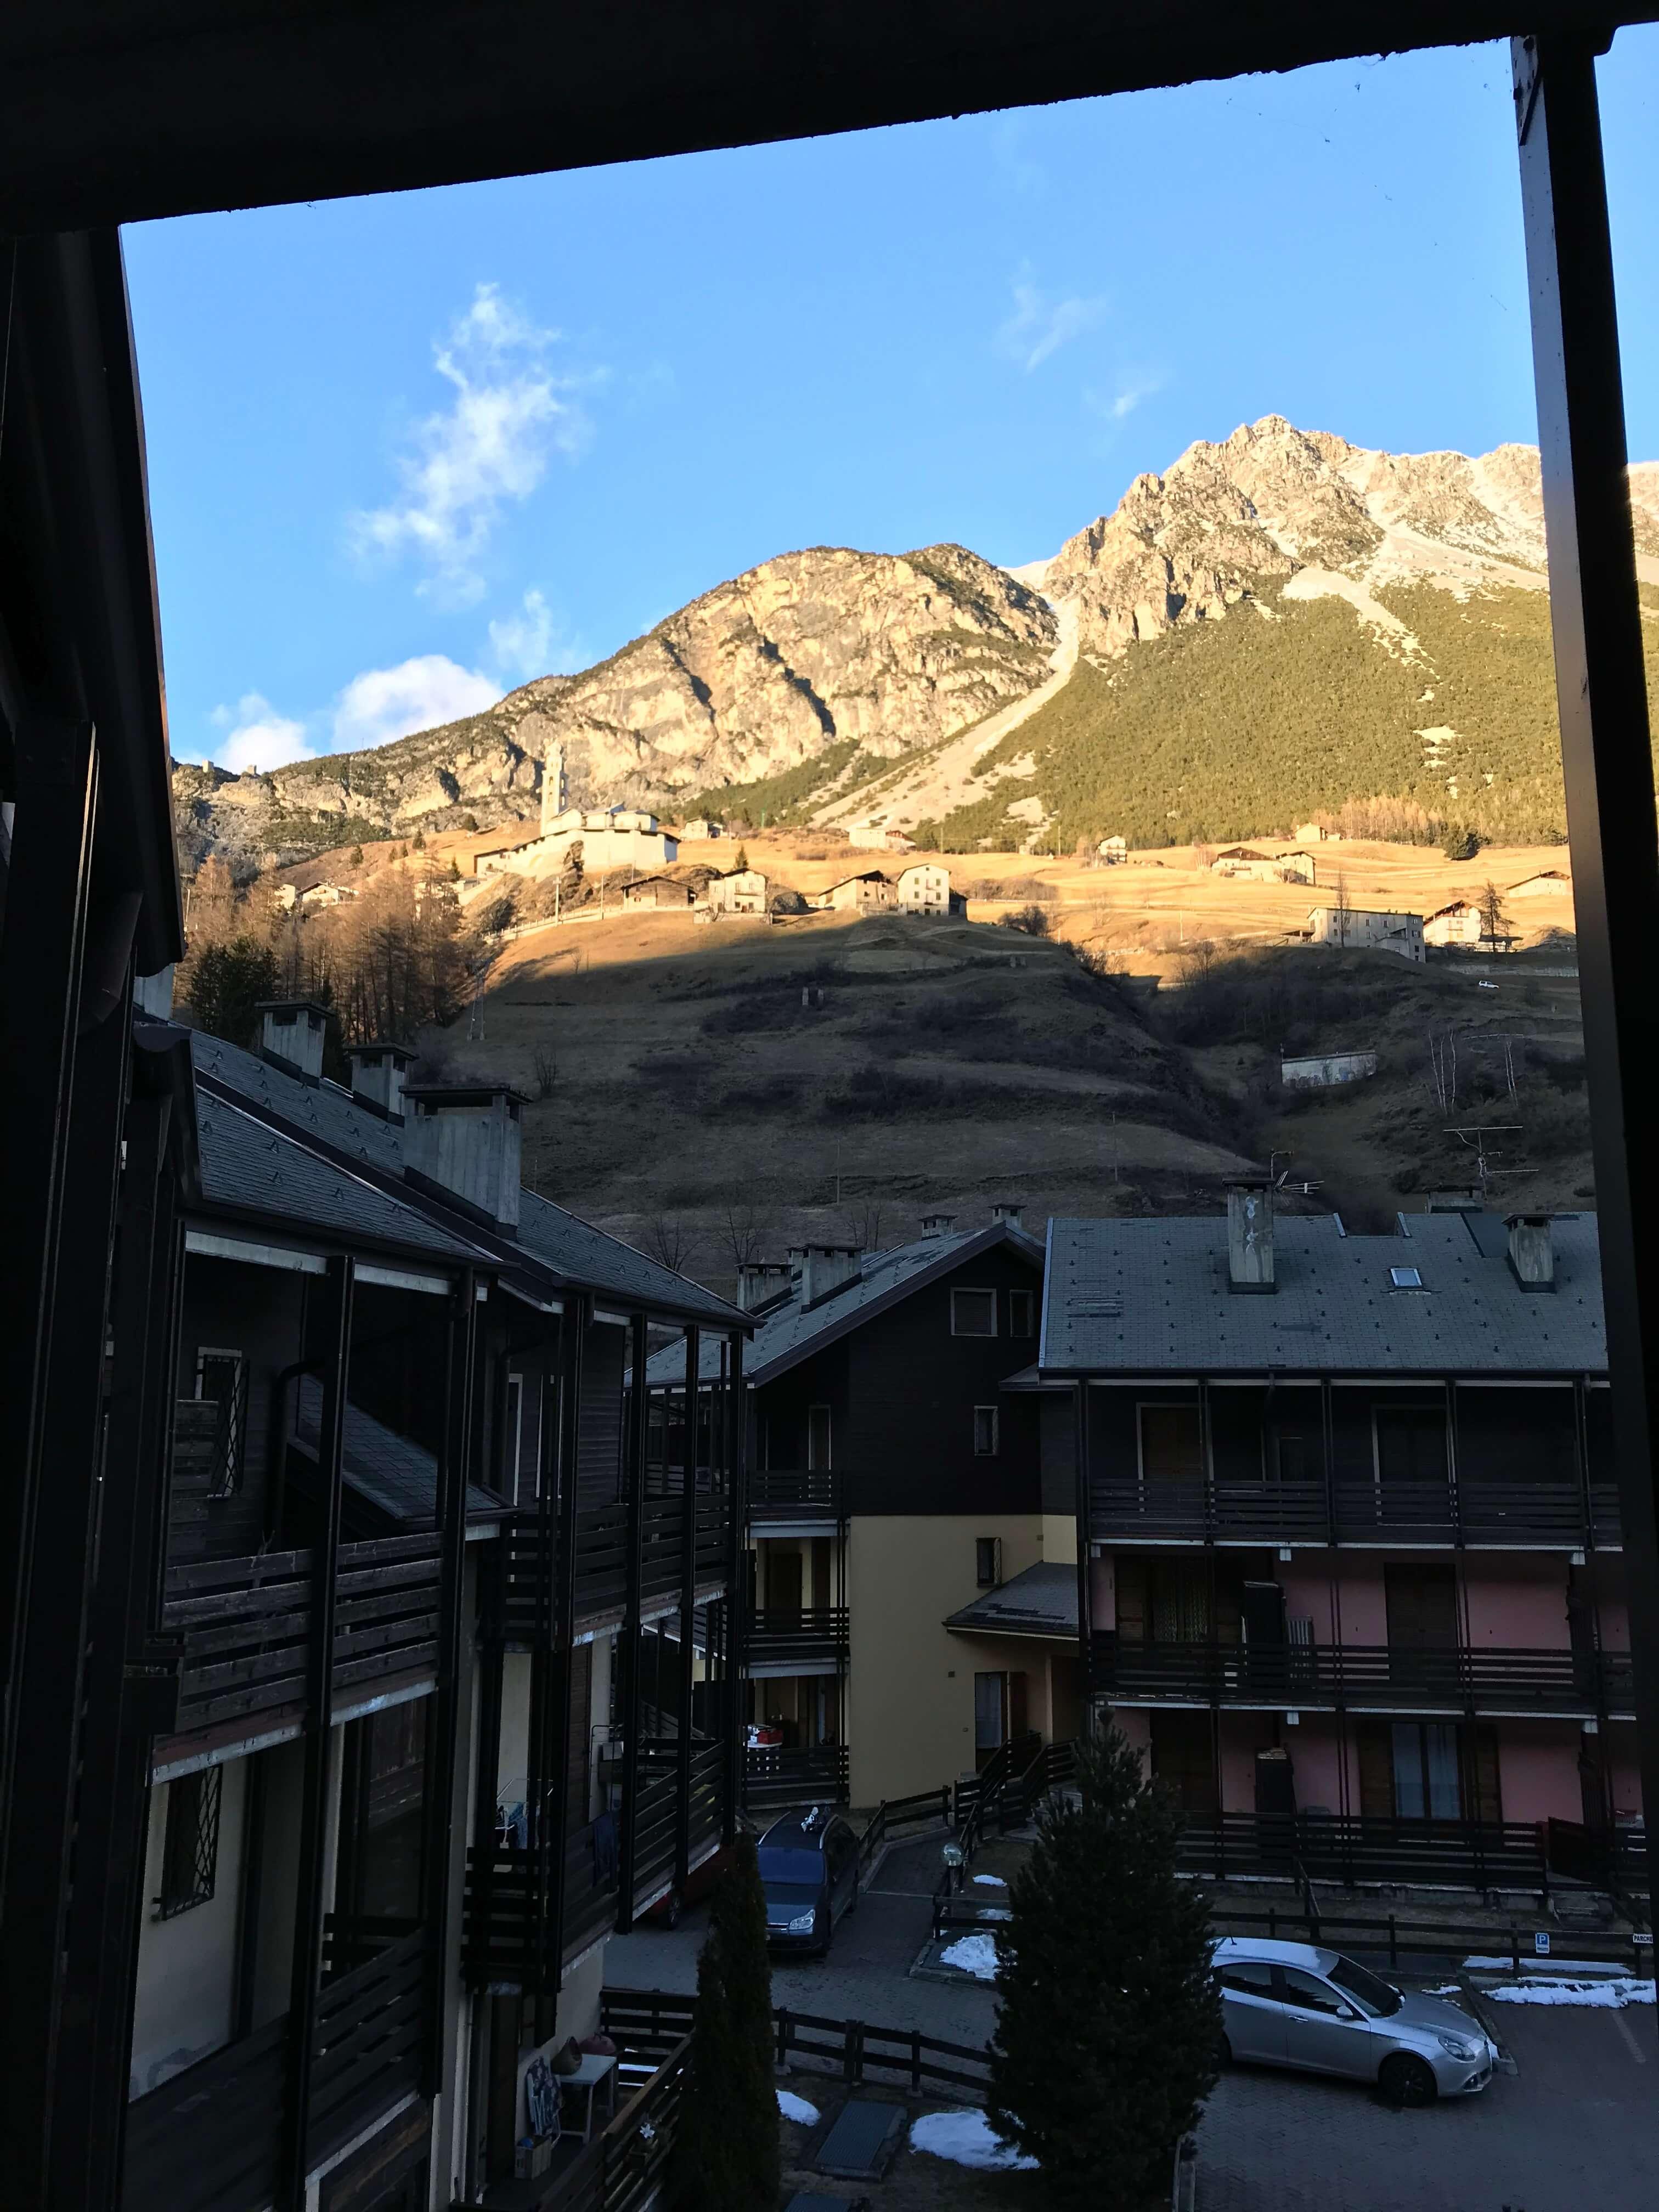 Immobiliare Abita condominio Capitel - Isolaccia monolocale in vendita vista dal balcone